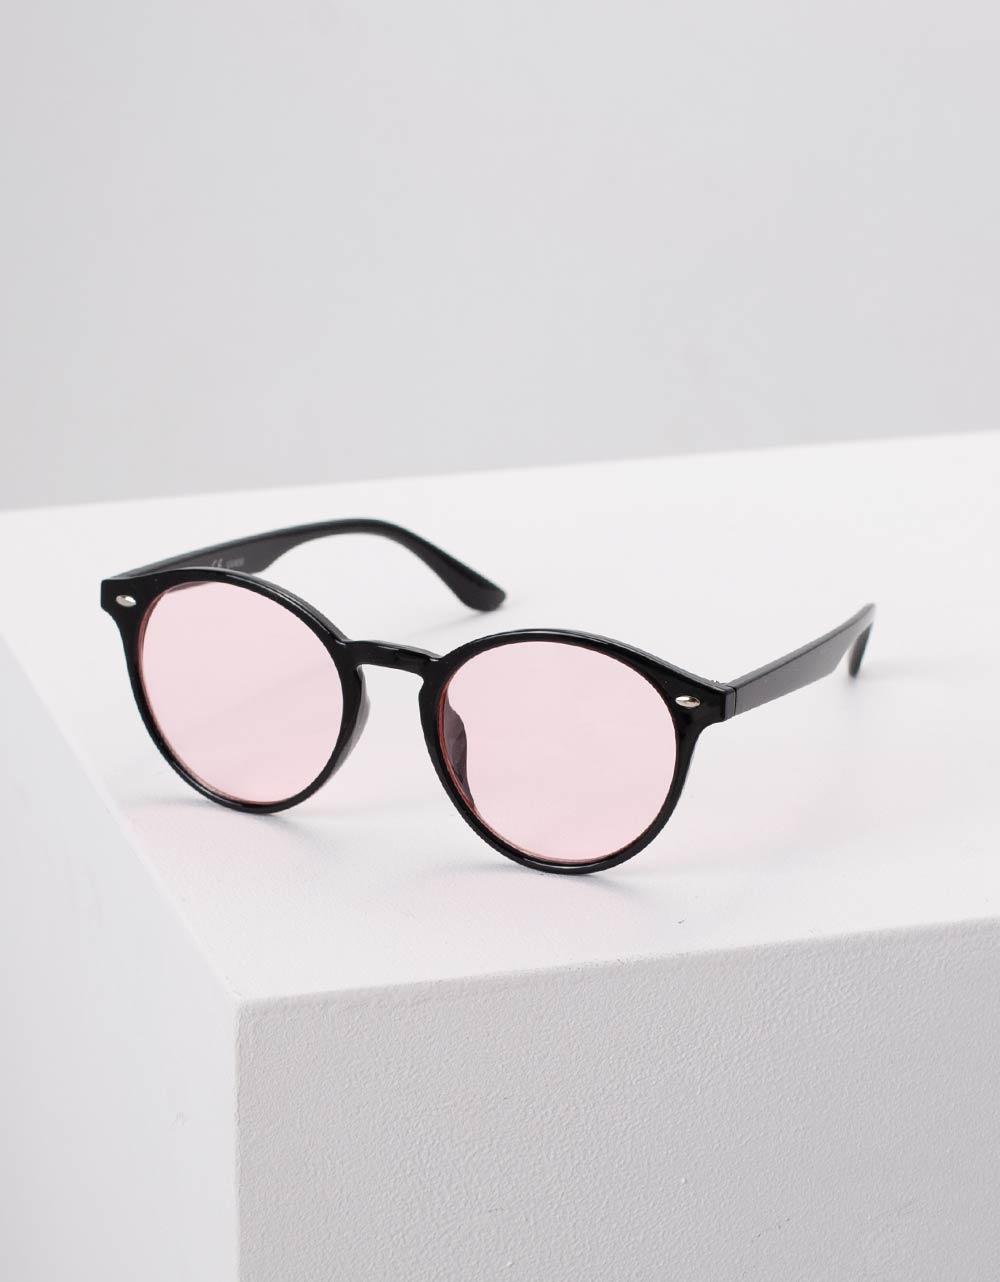 Εικόνα από Γυναικεία γυαλιά ηλίου Ροζ